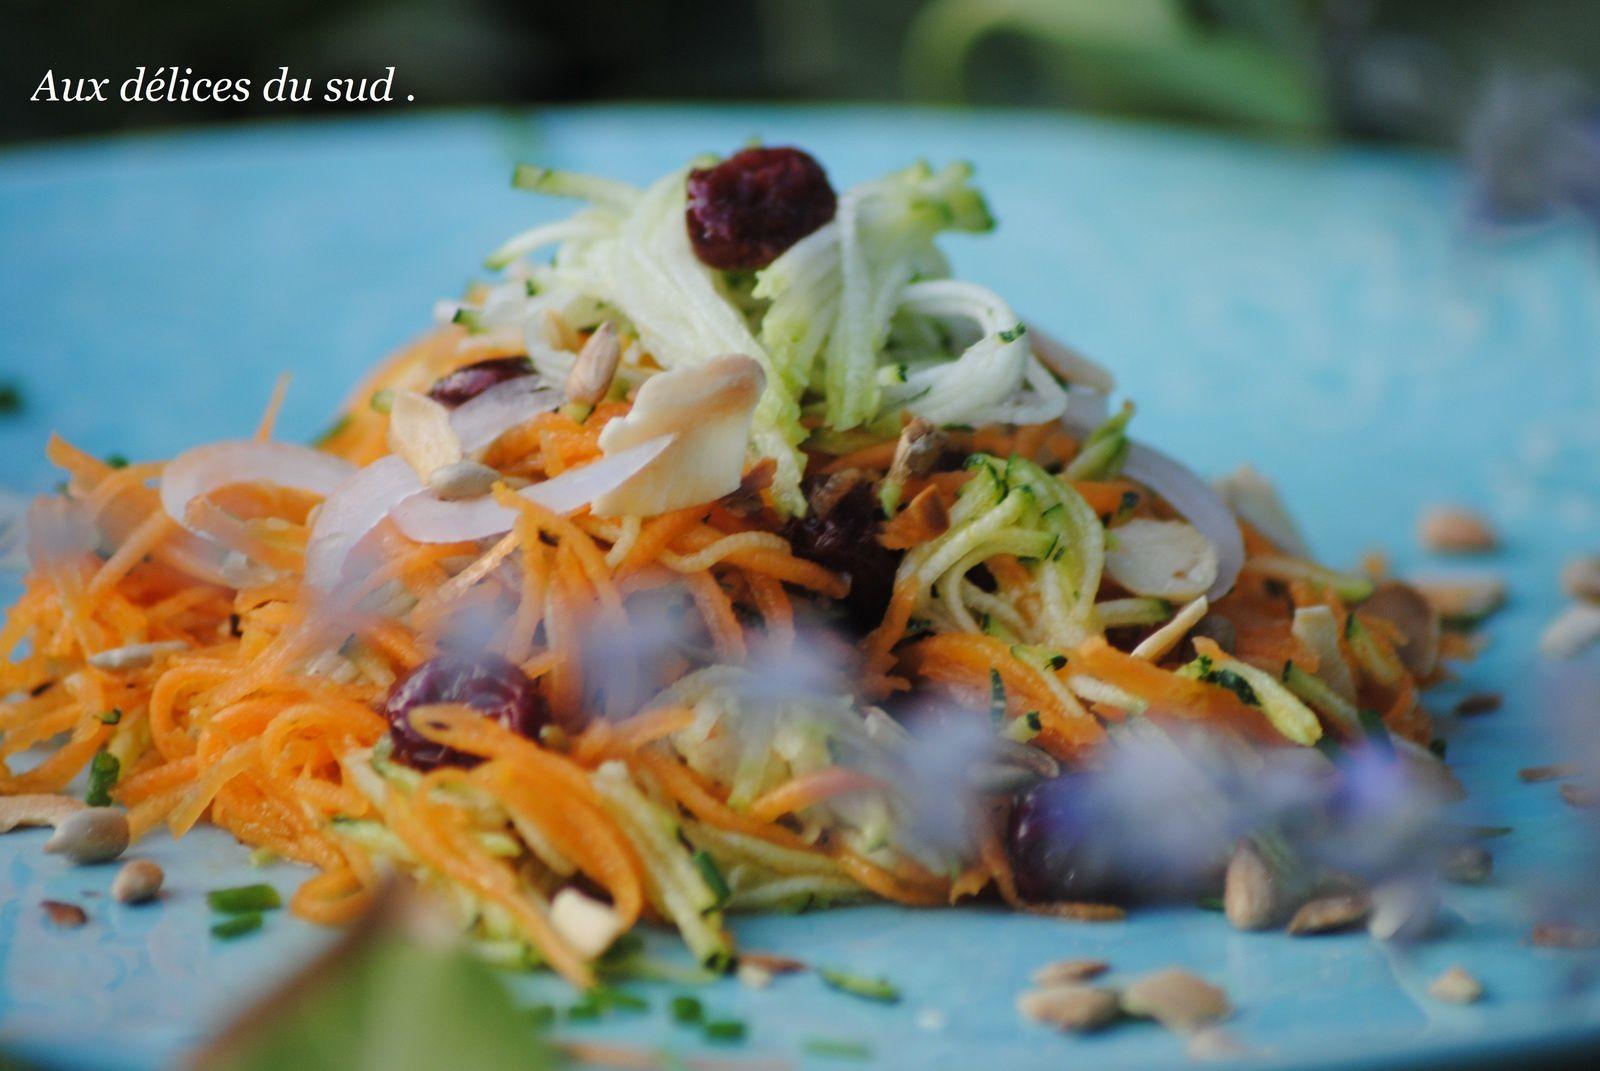 Salade de carottes et courgettes aux amandes et graines de tournesol .